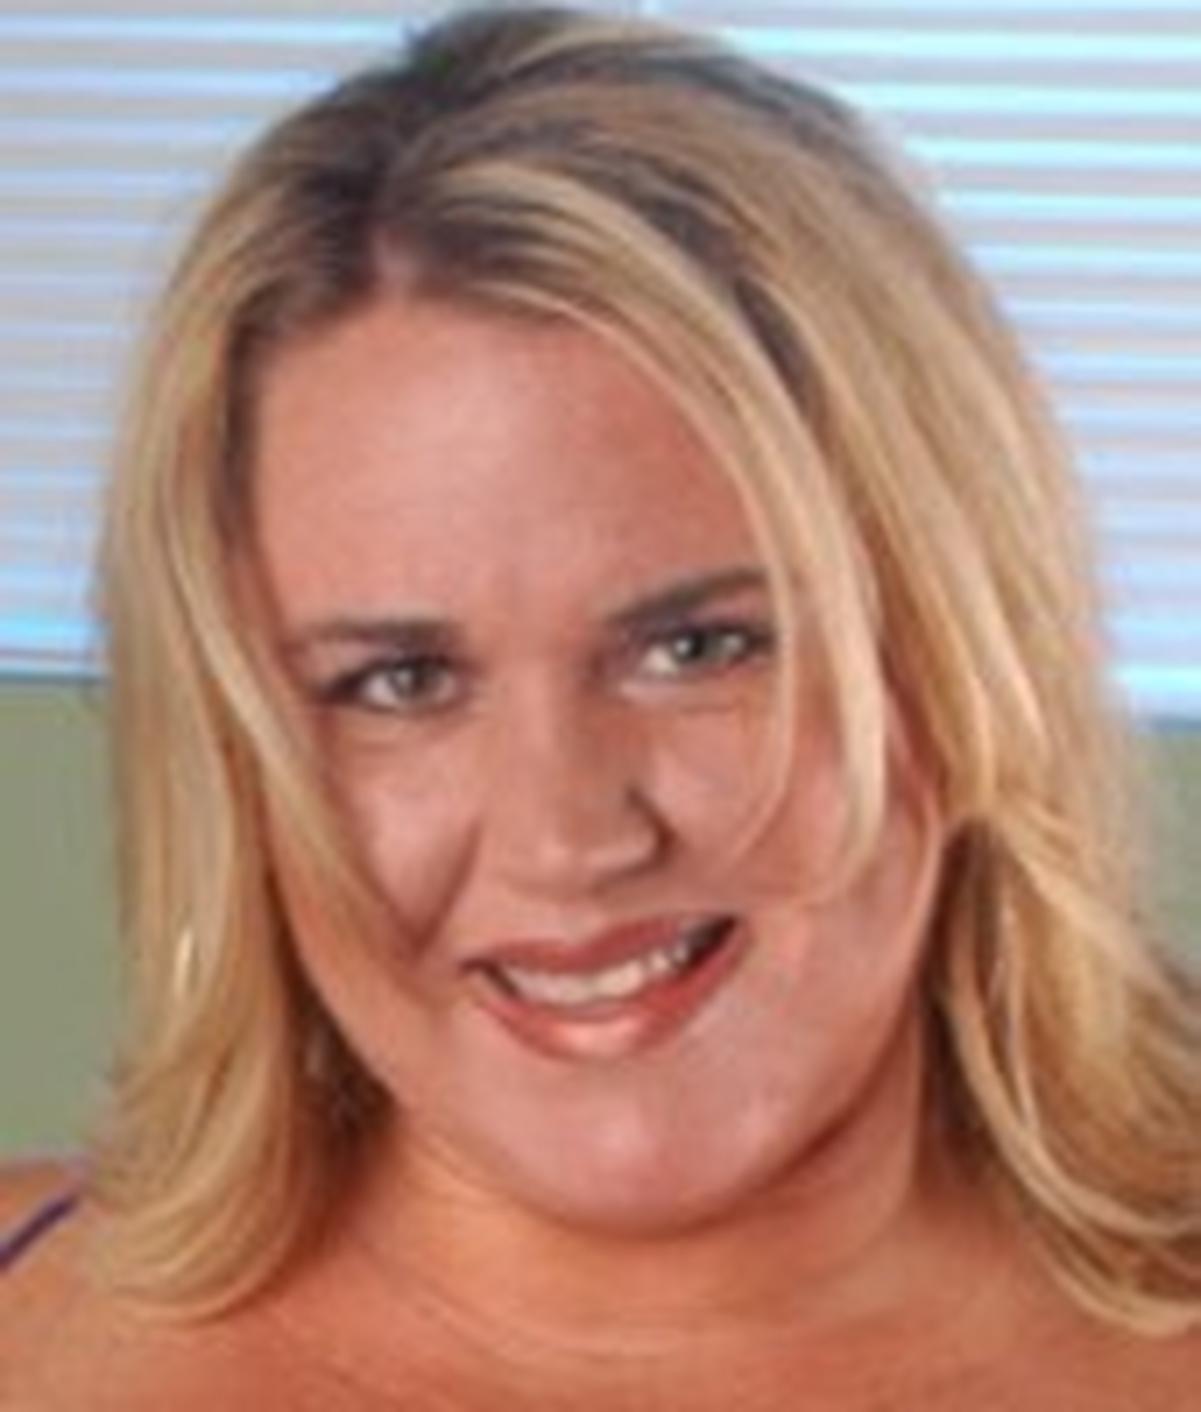 Rylee peyton caucasian blond bbw dan lewis amp dino bravo 3